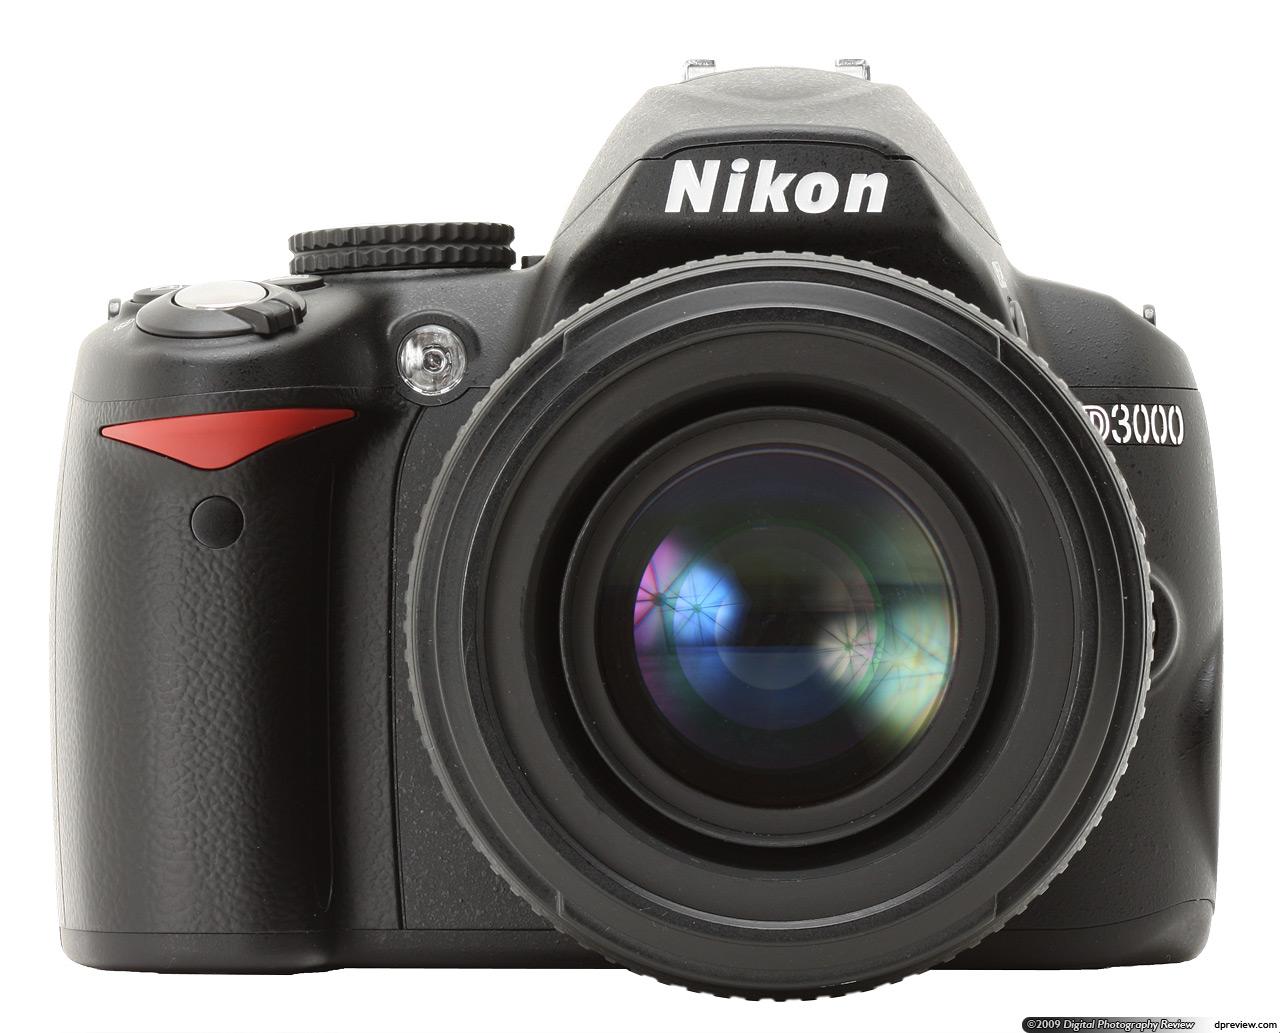 Nikon d3000 brief hands on digital photography review nikon d3000 brief hands on by richard butler july 2009 baditri Images